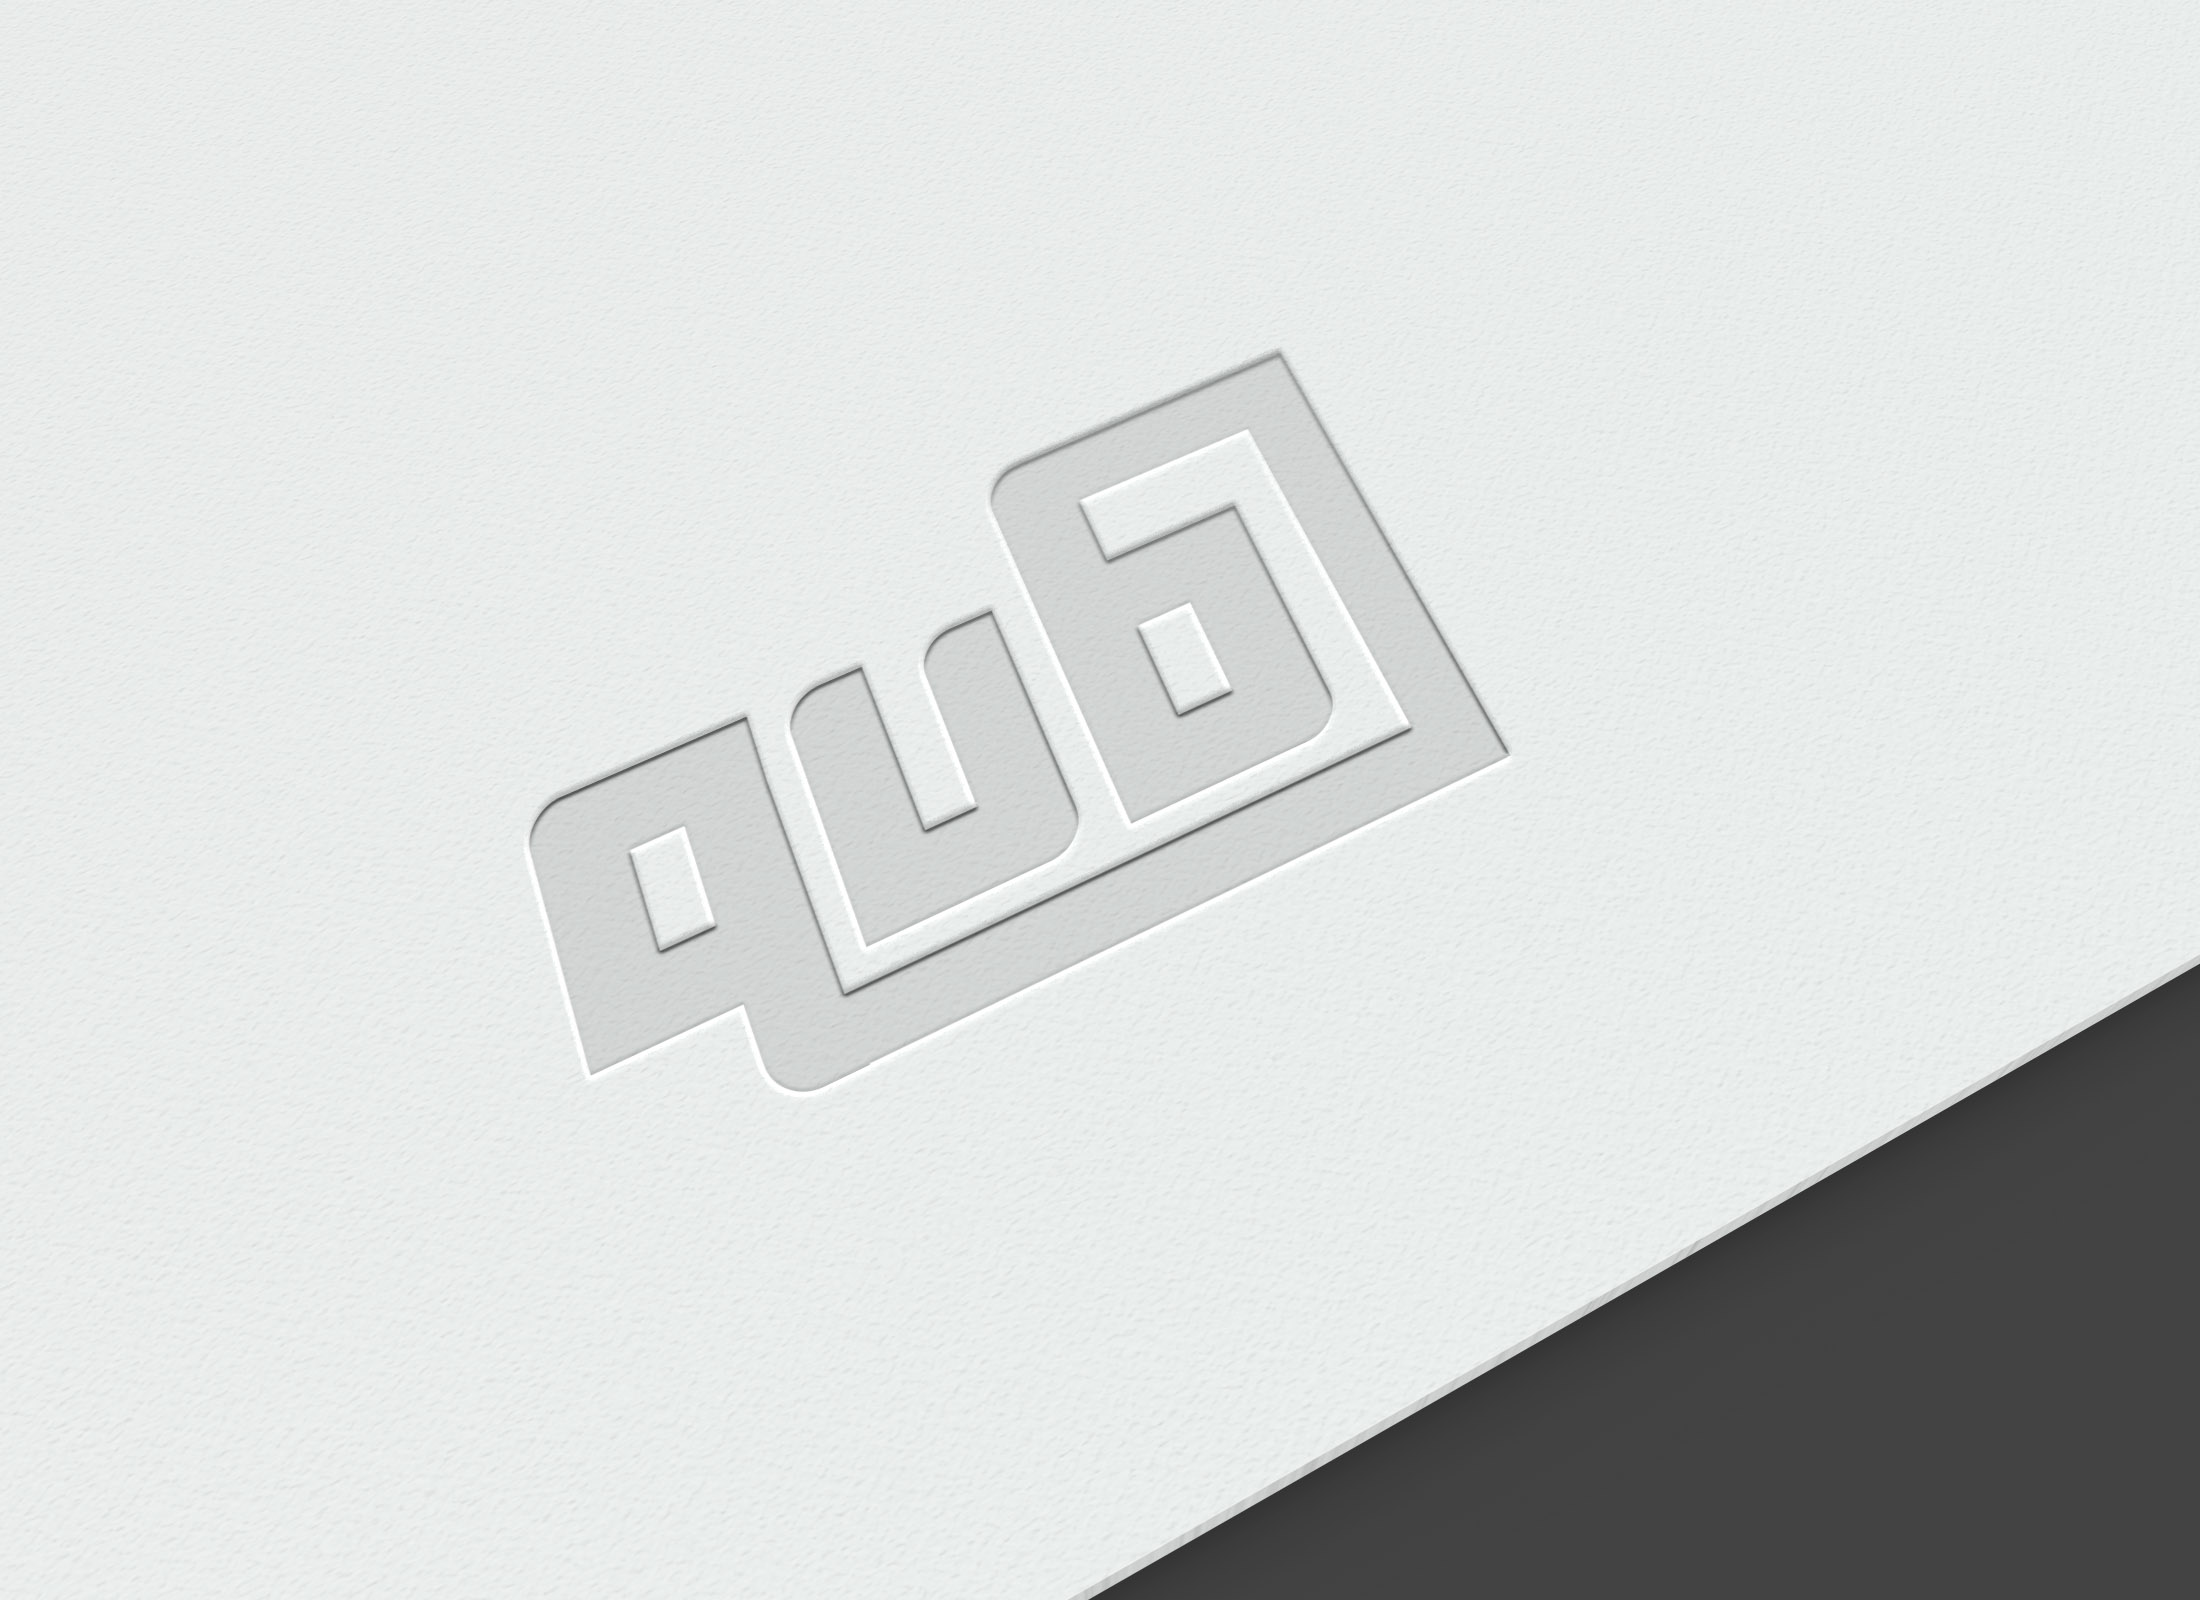 Разработка логотипа и фирменного стиля для ТМ фото f_9815f1d879b98e6c.jpg